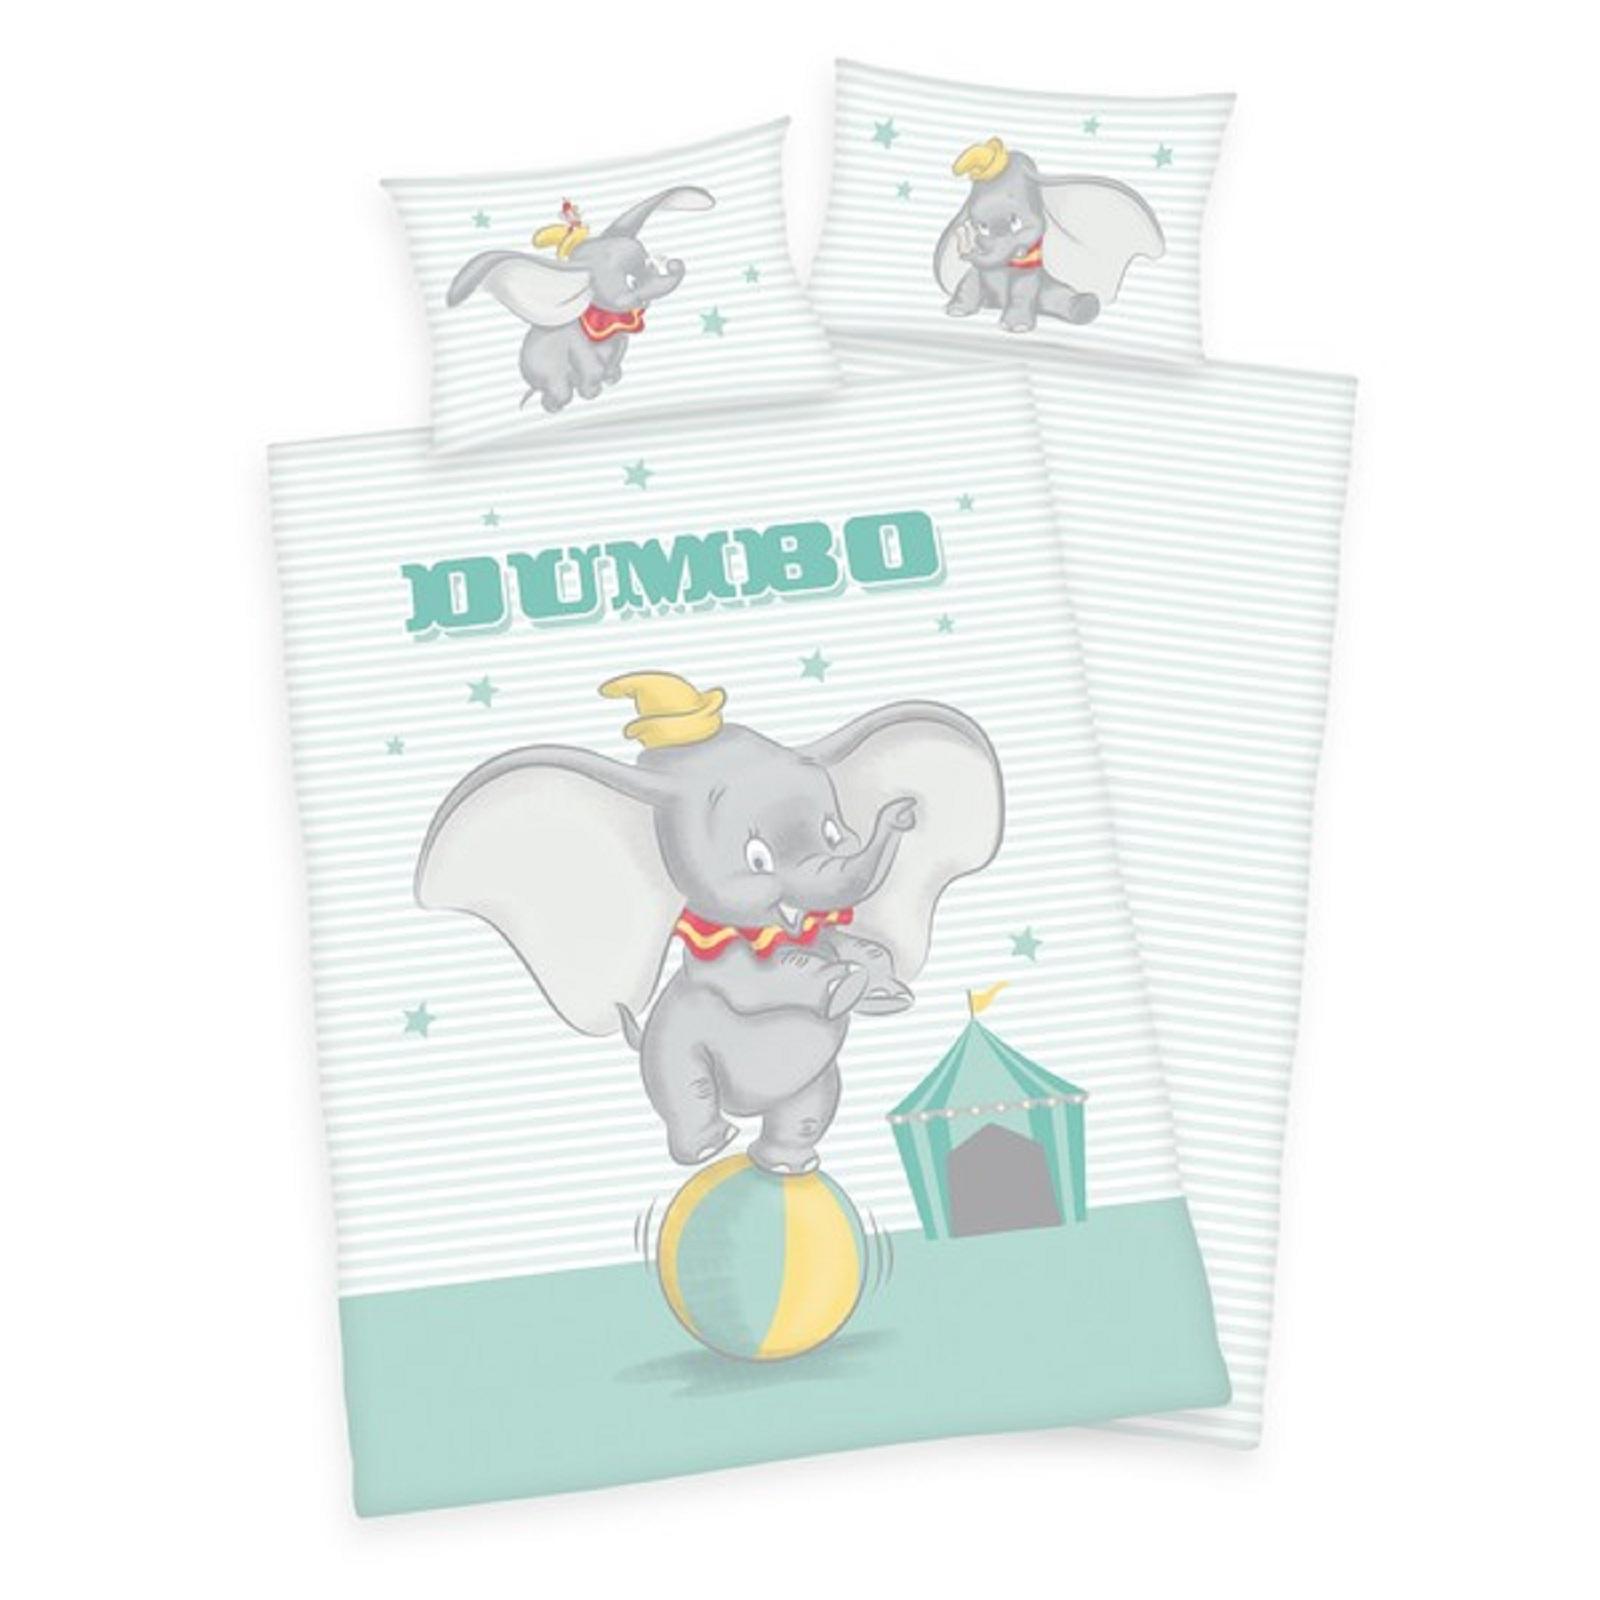 40x60 cm Zöllner Baby Kinder Bettwäsche Disney Pooh mein Stern 100x135